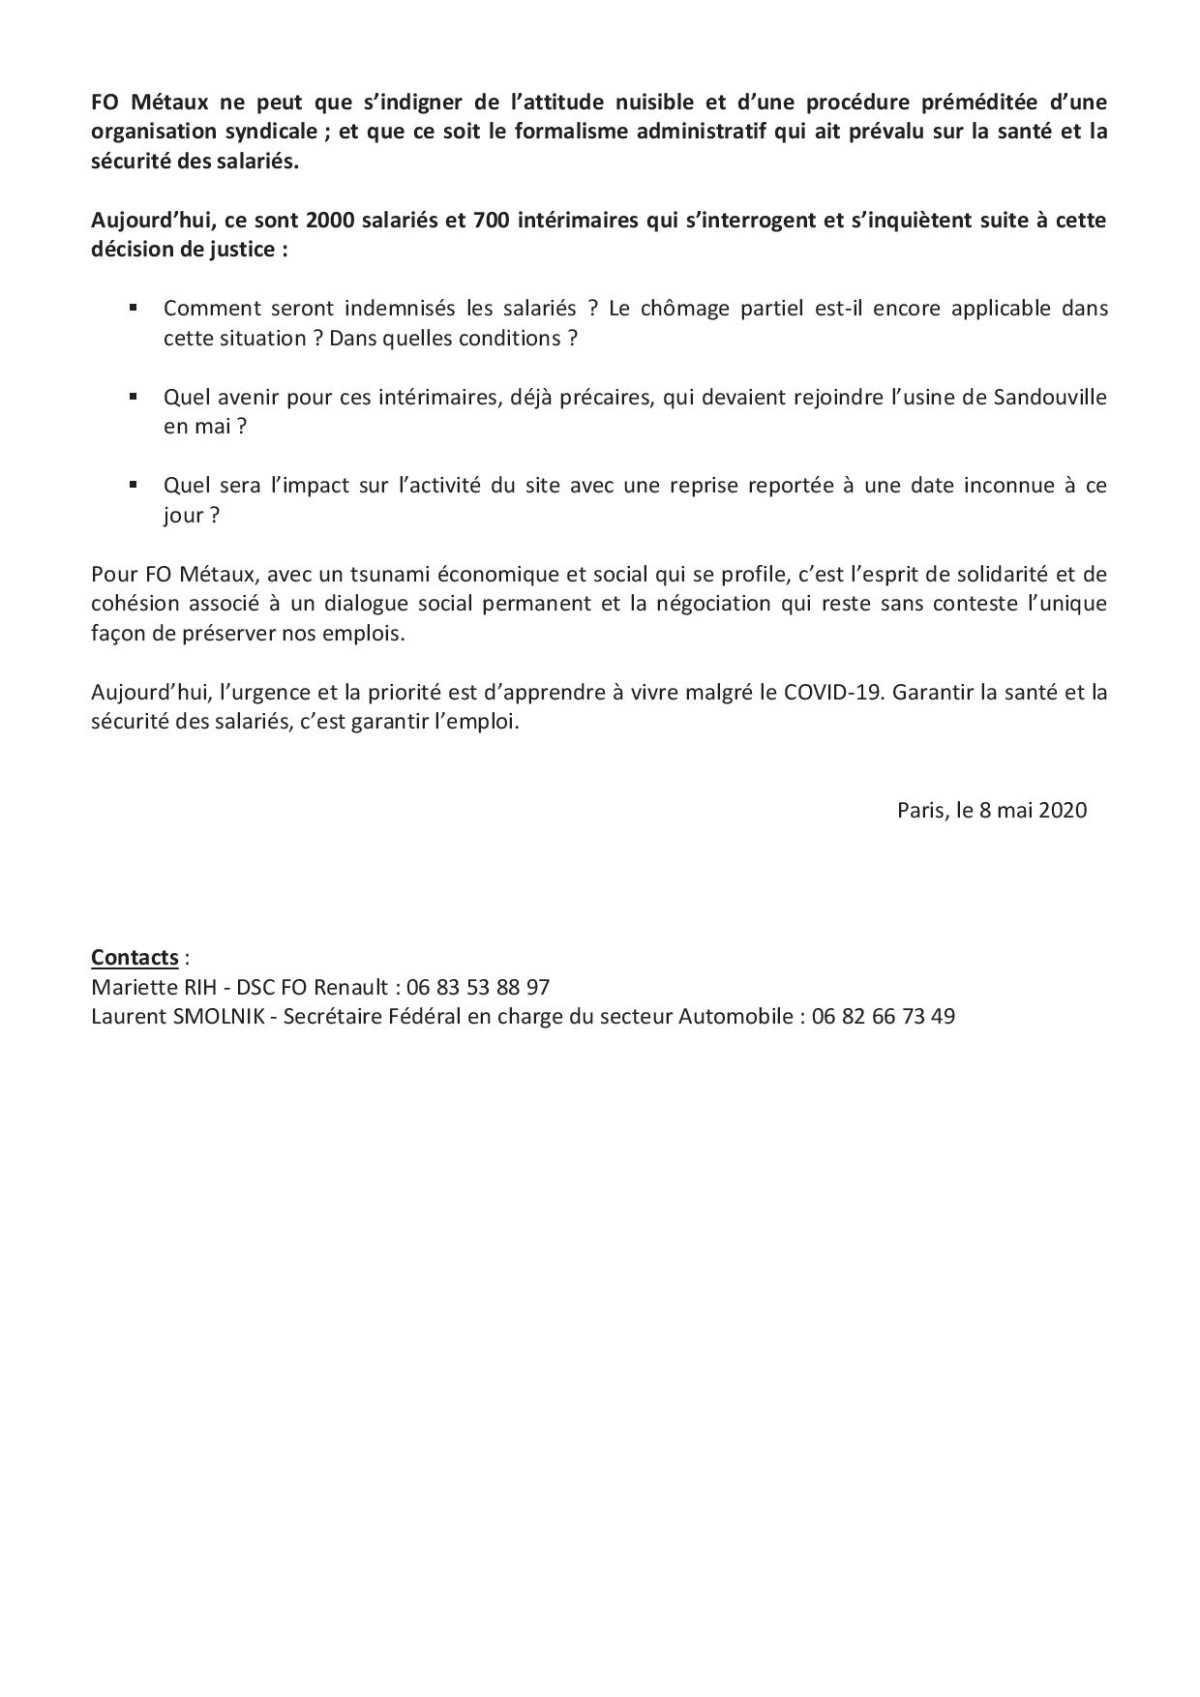 Explication de l'arrêt de l'usine Renault Sandouville